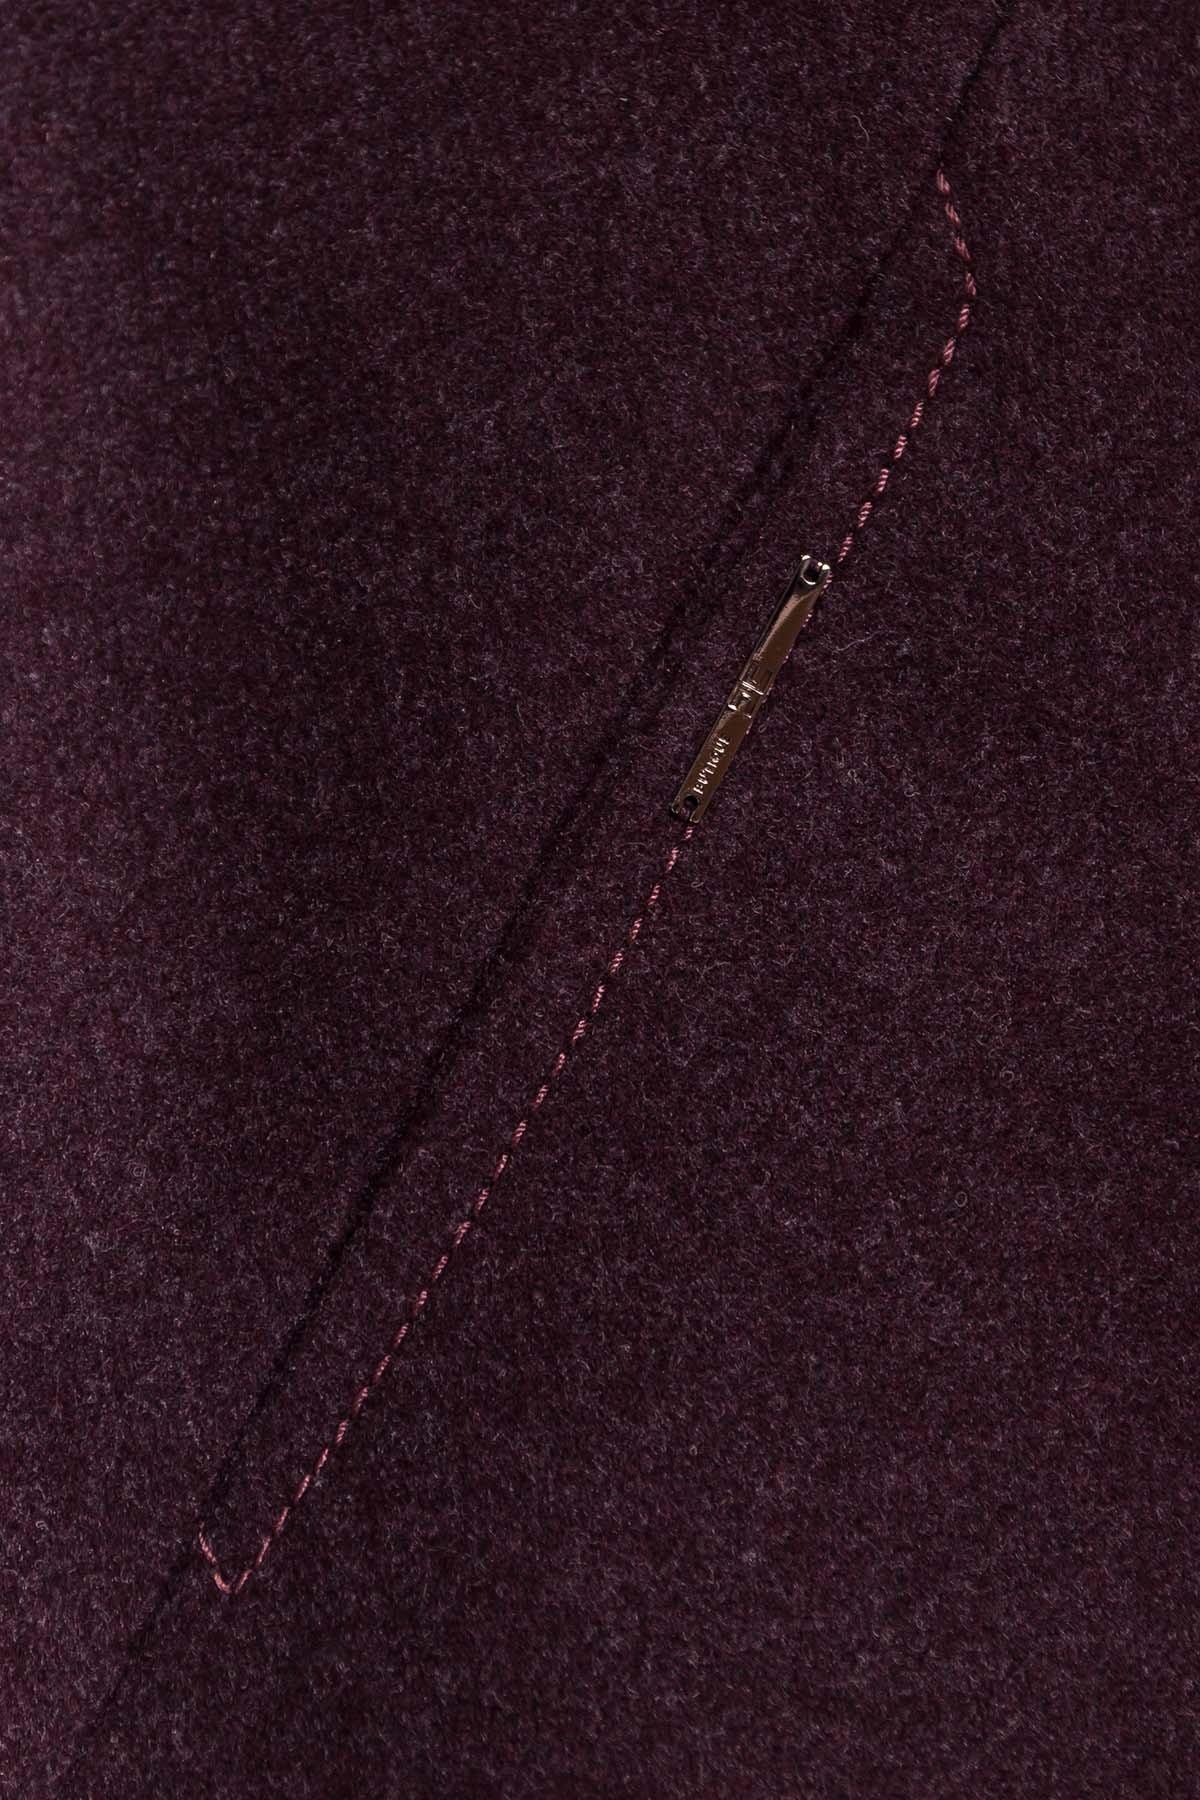 Пальто Шаника 5379 АРТ. 37629 Цвет: Марсала 5 - фото 5, интернет магазин tm-modus.ru